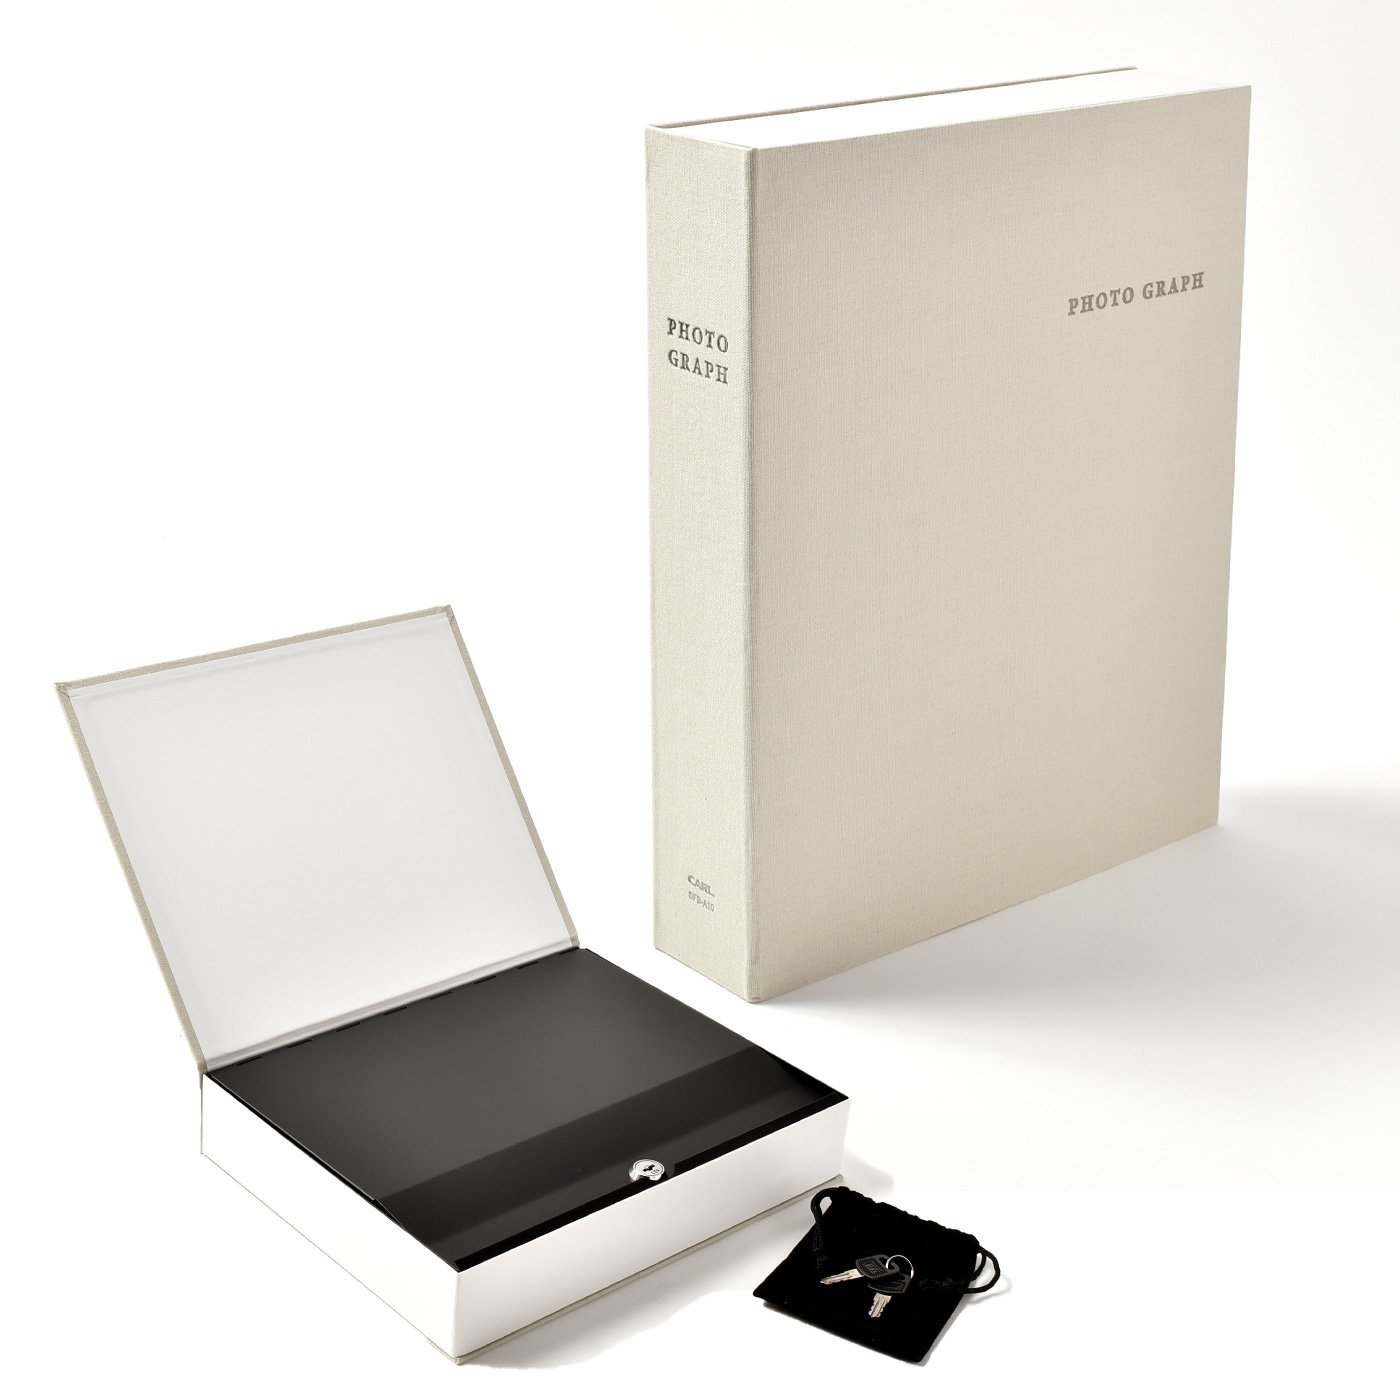 【数量限定SALE】貴重品は本棚に! セーフティBOXアルバムシック